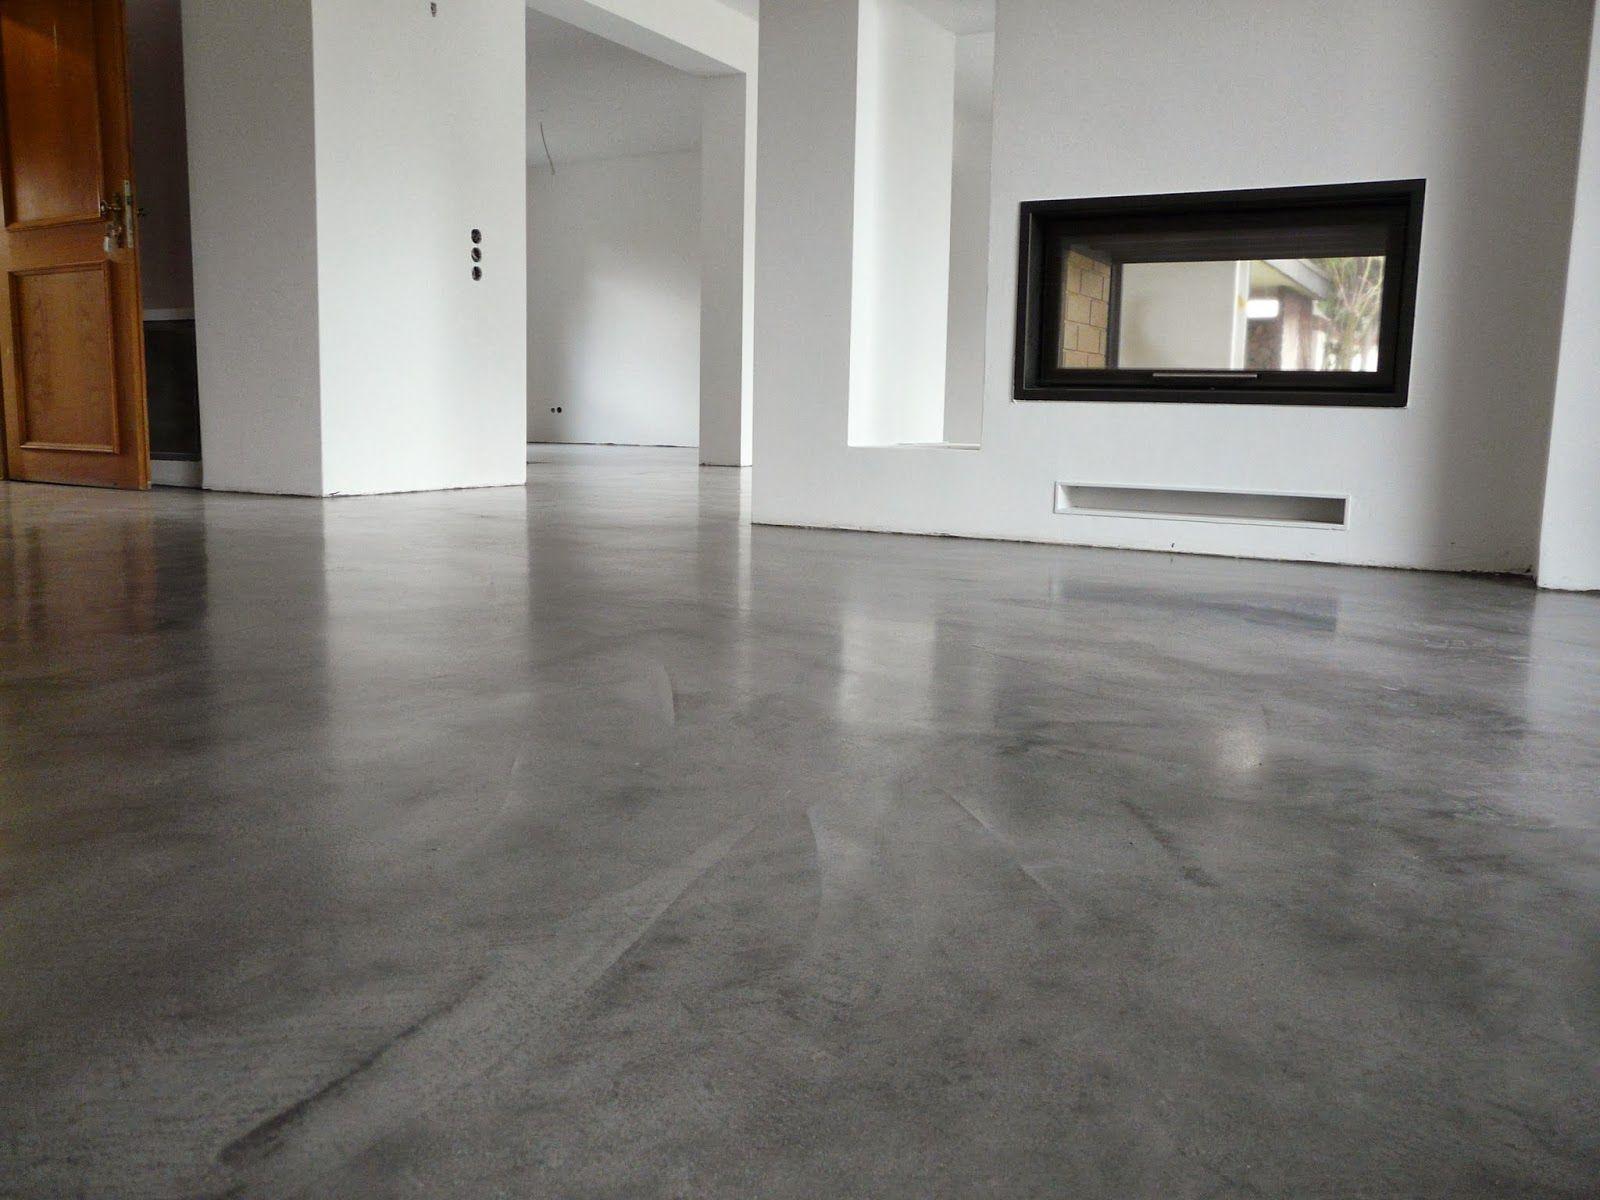 betonboden wohnzimmer kosten estrich als bodenbelag kosten luxus beton und stahlbetonbau 9 2012. Black Bedroom Furniture Sets. Home Design Ideas